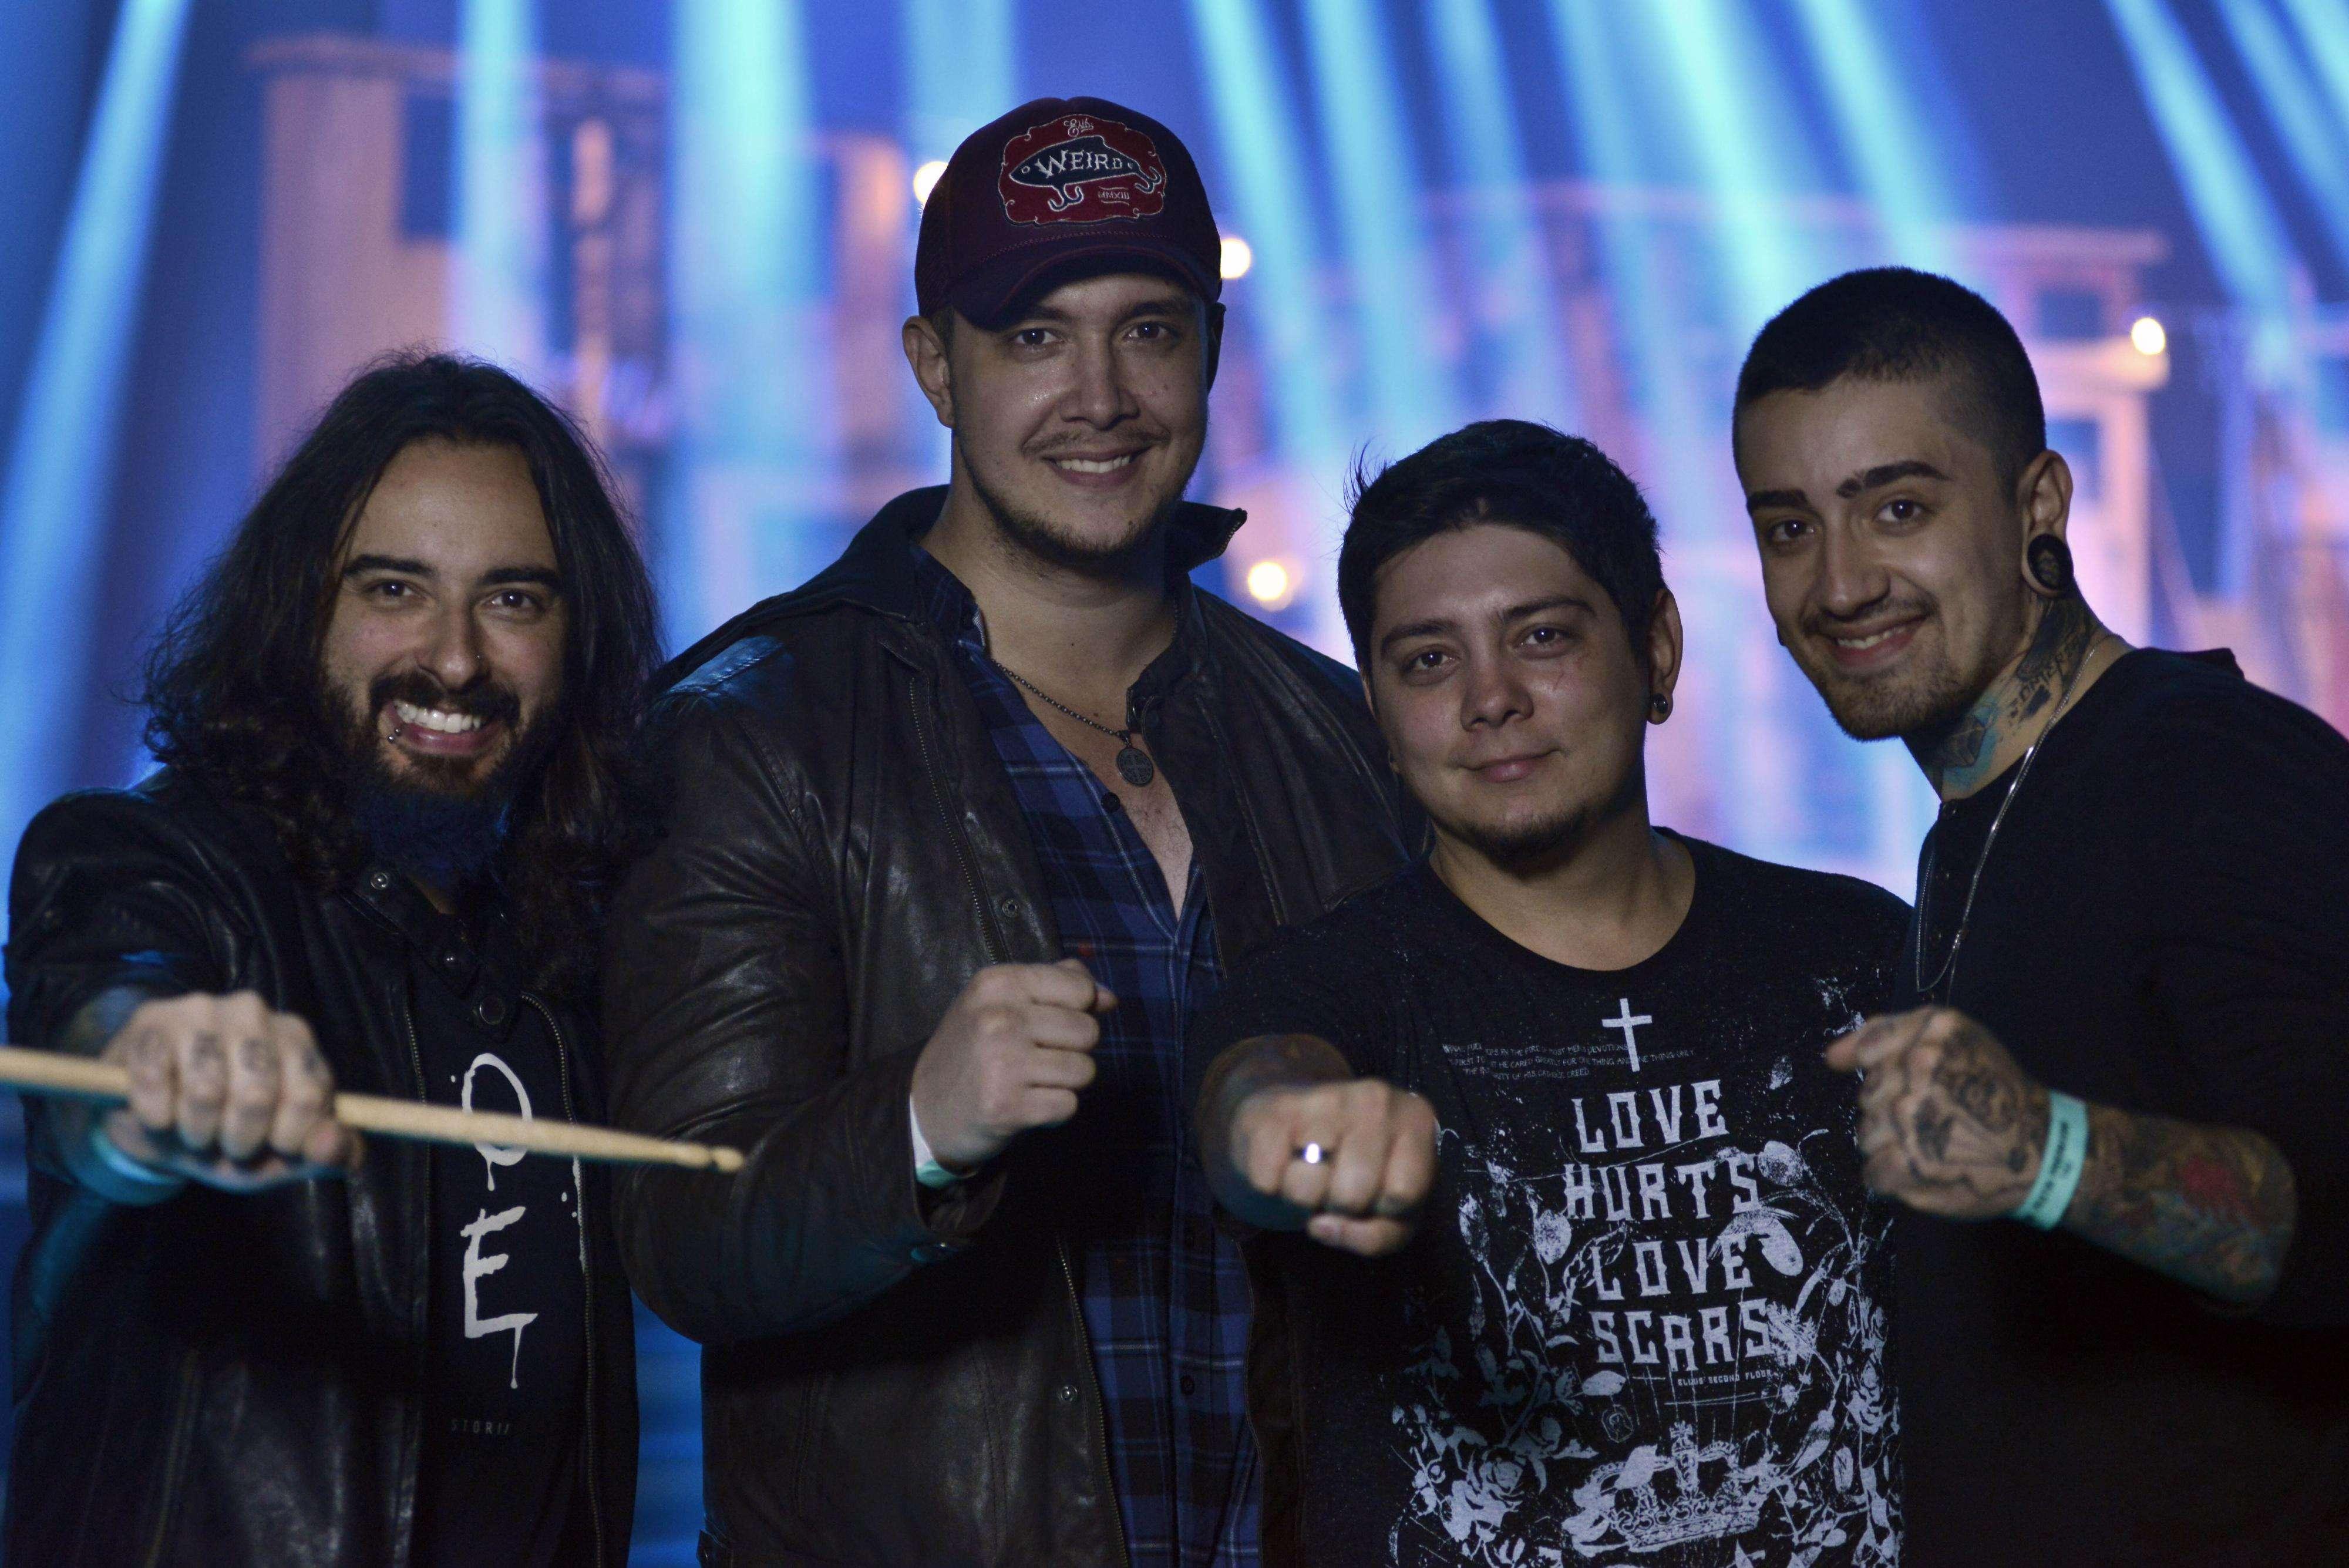 Foto: Ellen Soares/TV Globo/Divulgação